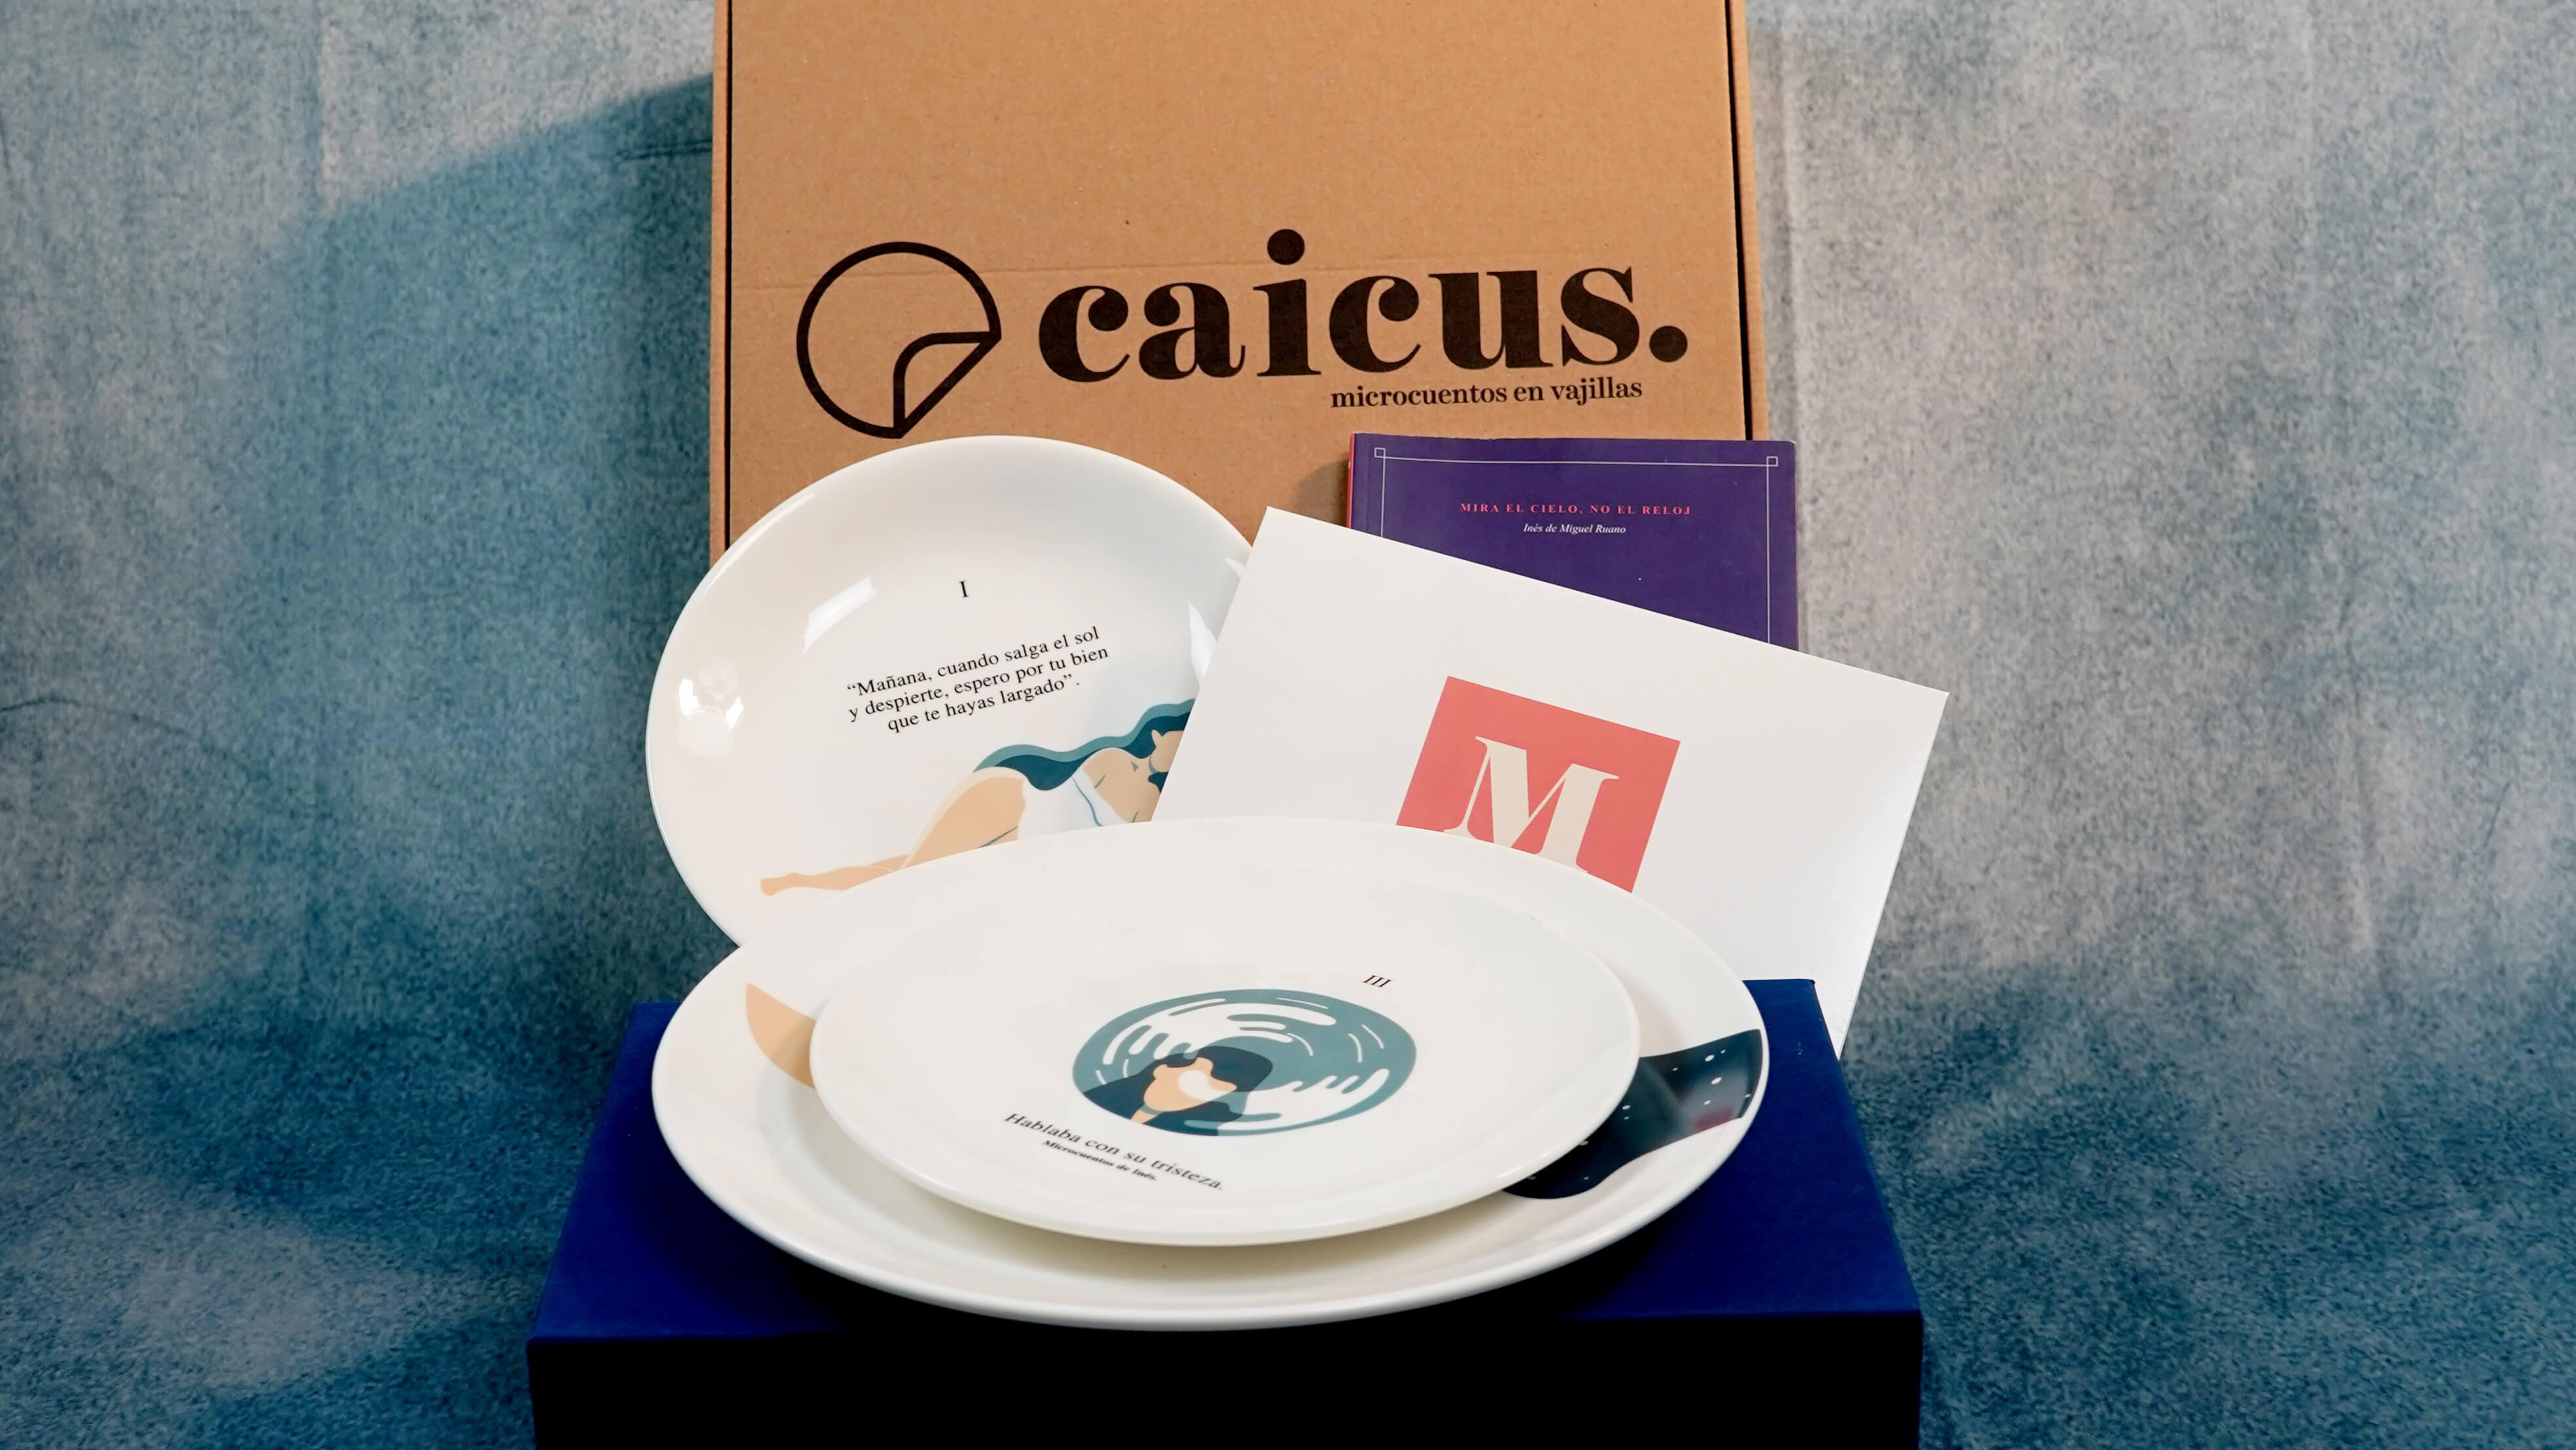 una vajilla Caicus junto a una caja para envíos